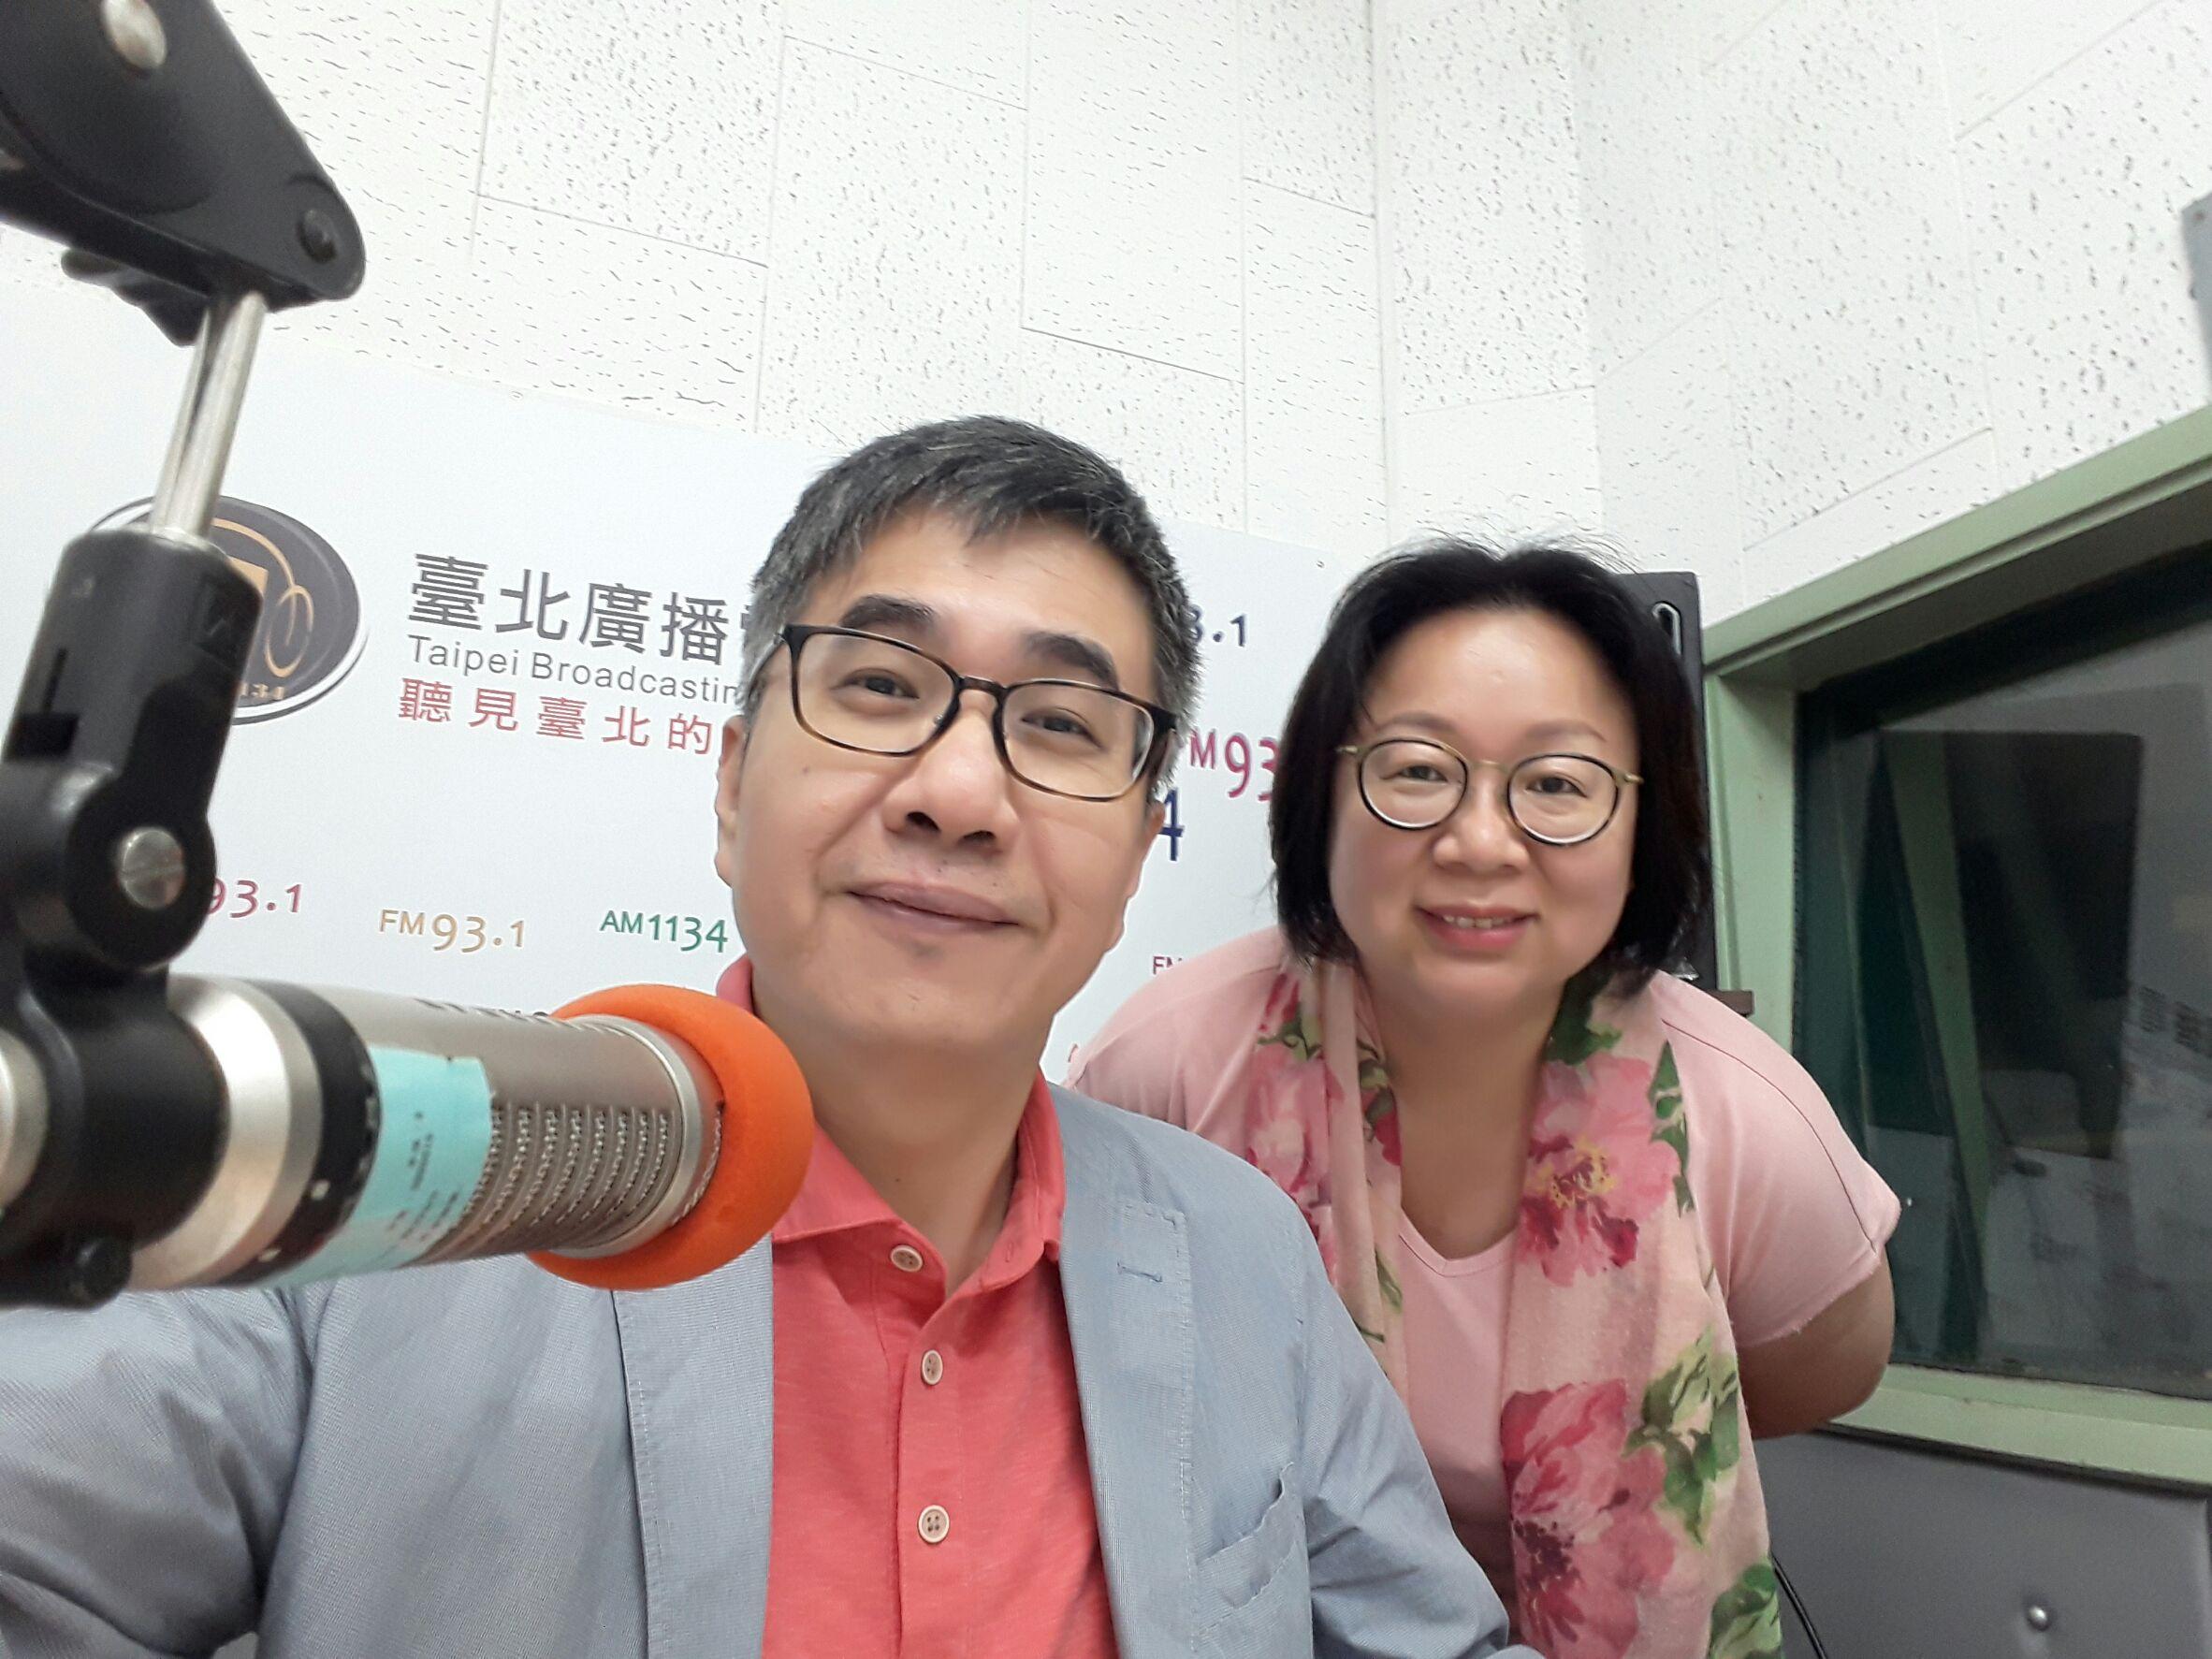 王一明(王騰懋)、梅子(張文玲)主持的《一鳴沒驚人》入圍流行音樂節目獎